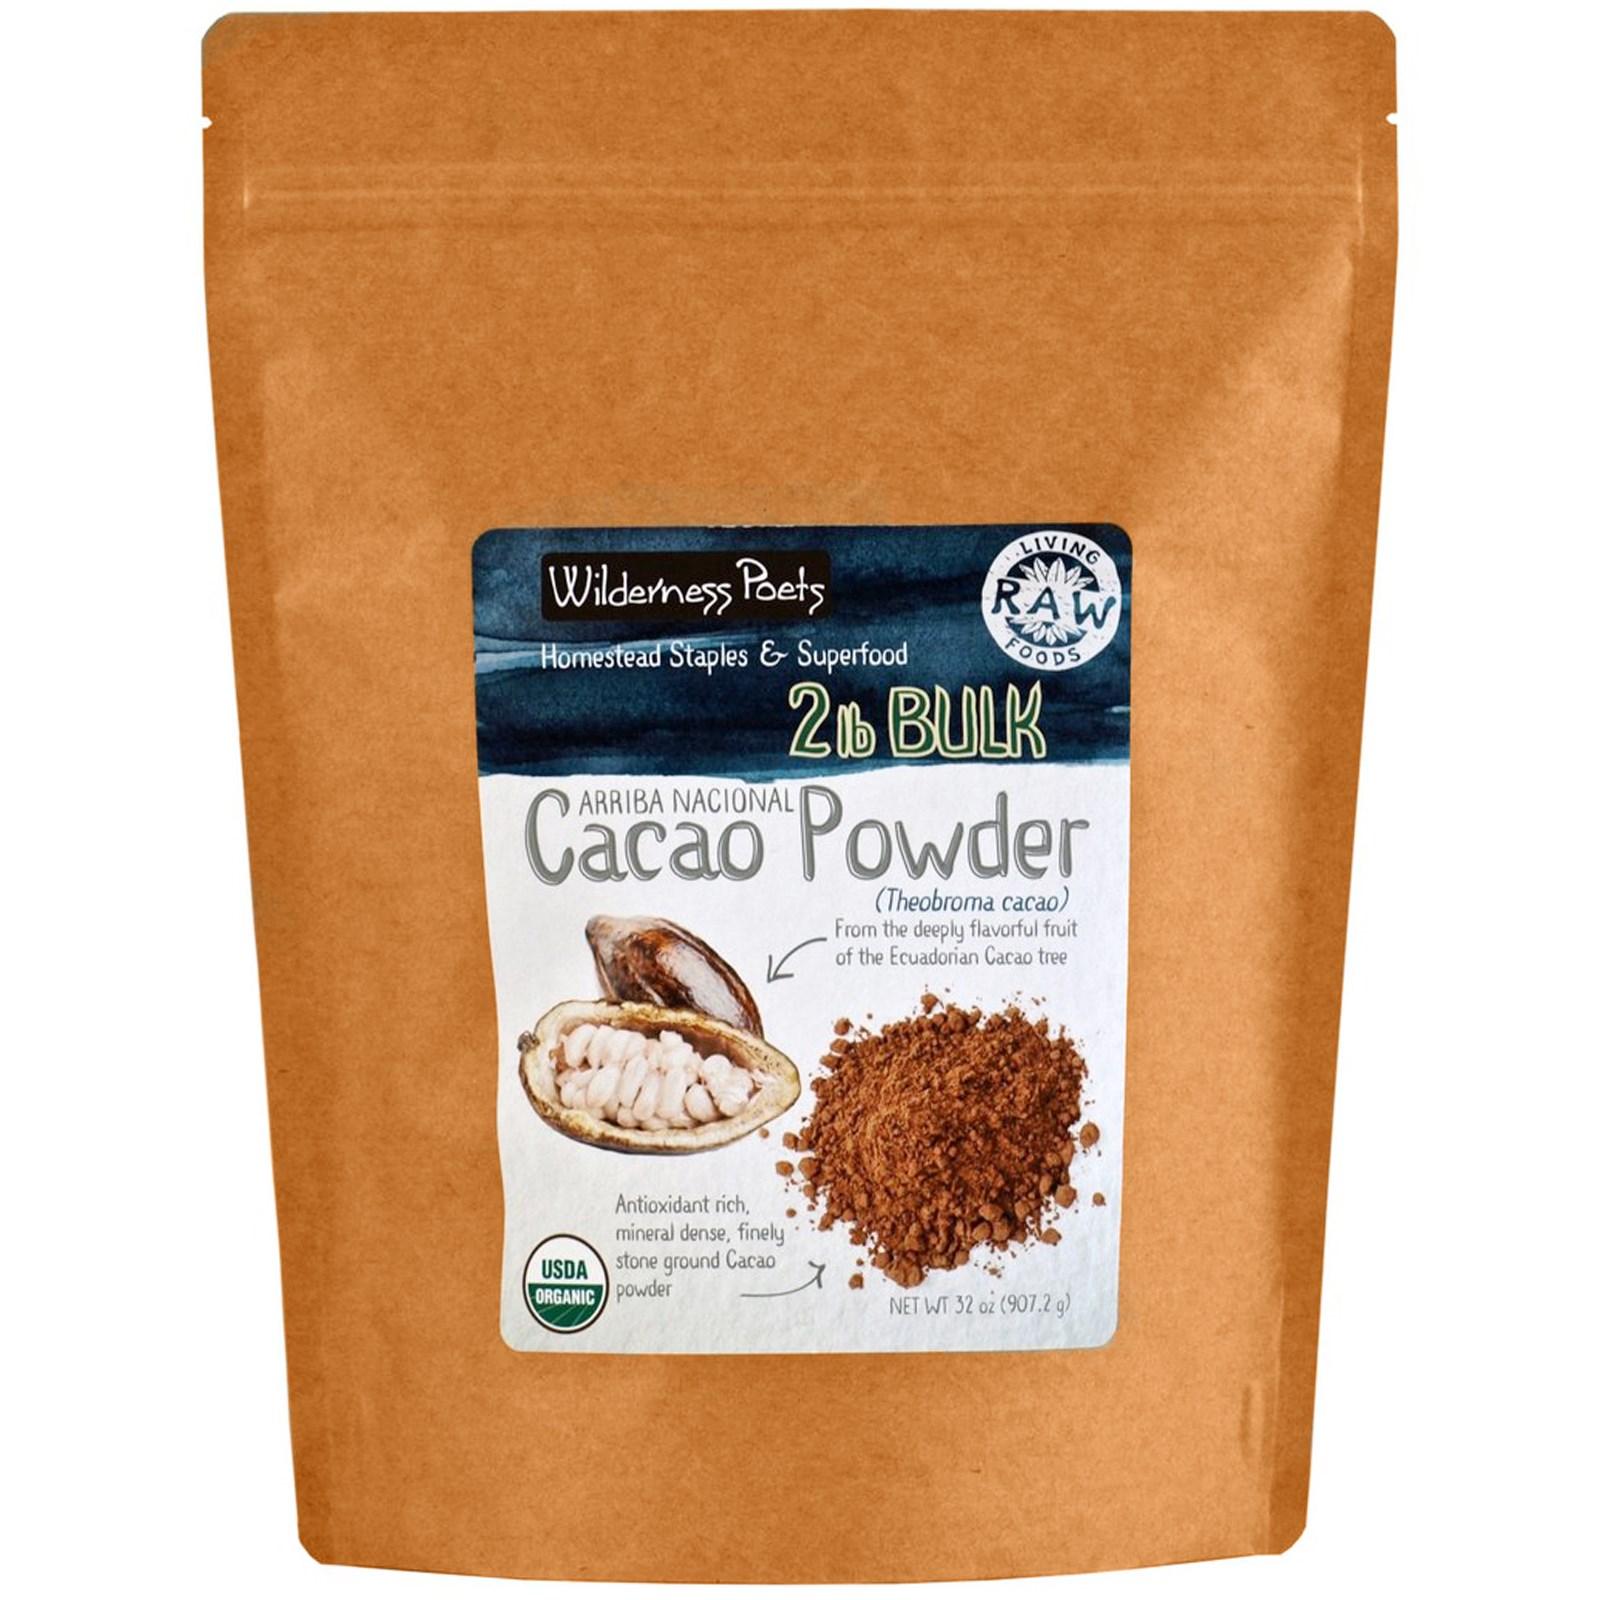 Wilderness Poets, Arriba Nacional, Cacao Powder, Theobroma Cacao, 32 oz (907.2 g)